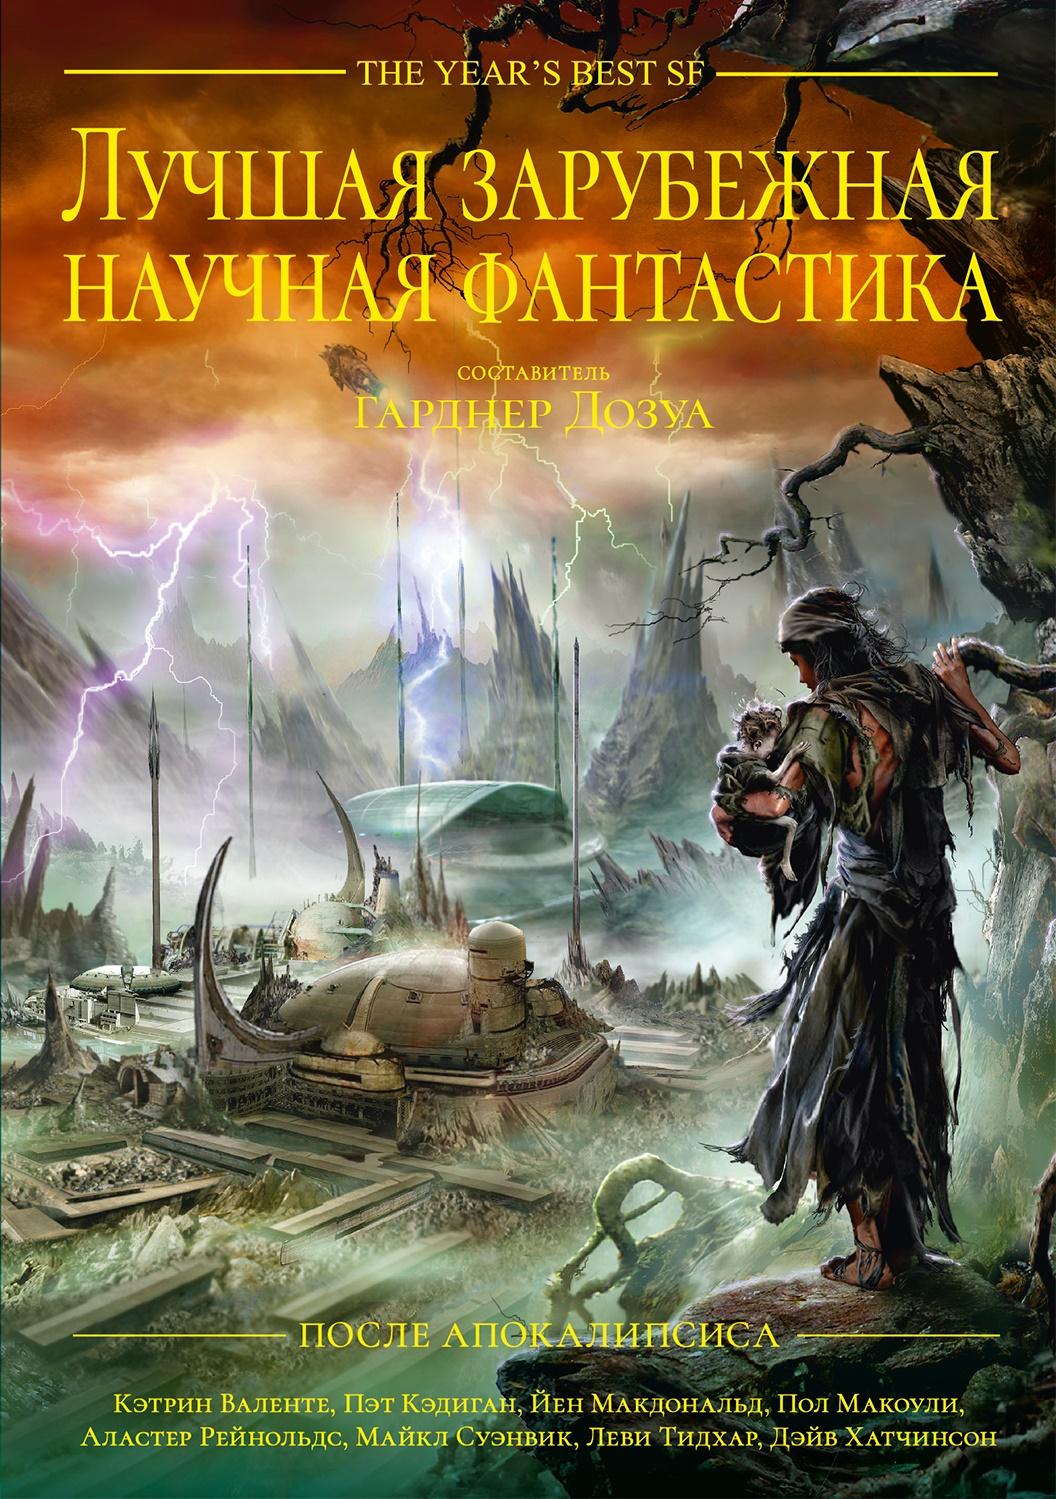 Антология - После Апокалипсиса. Лучшая зарубежная научная фантастика